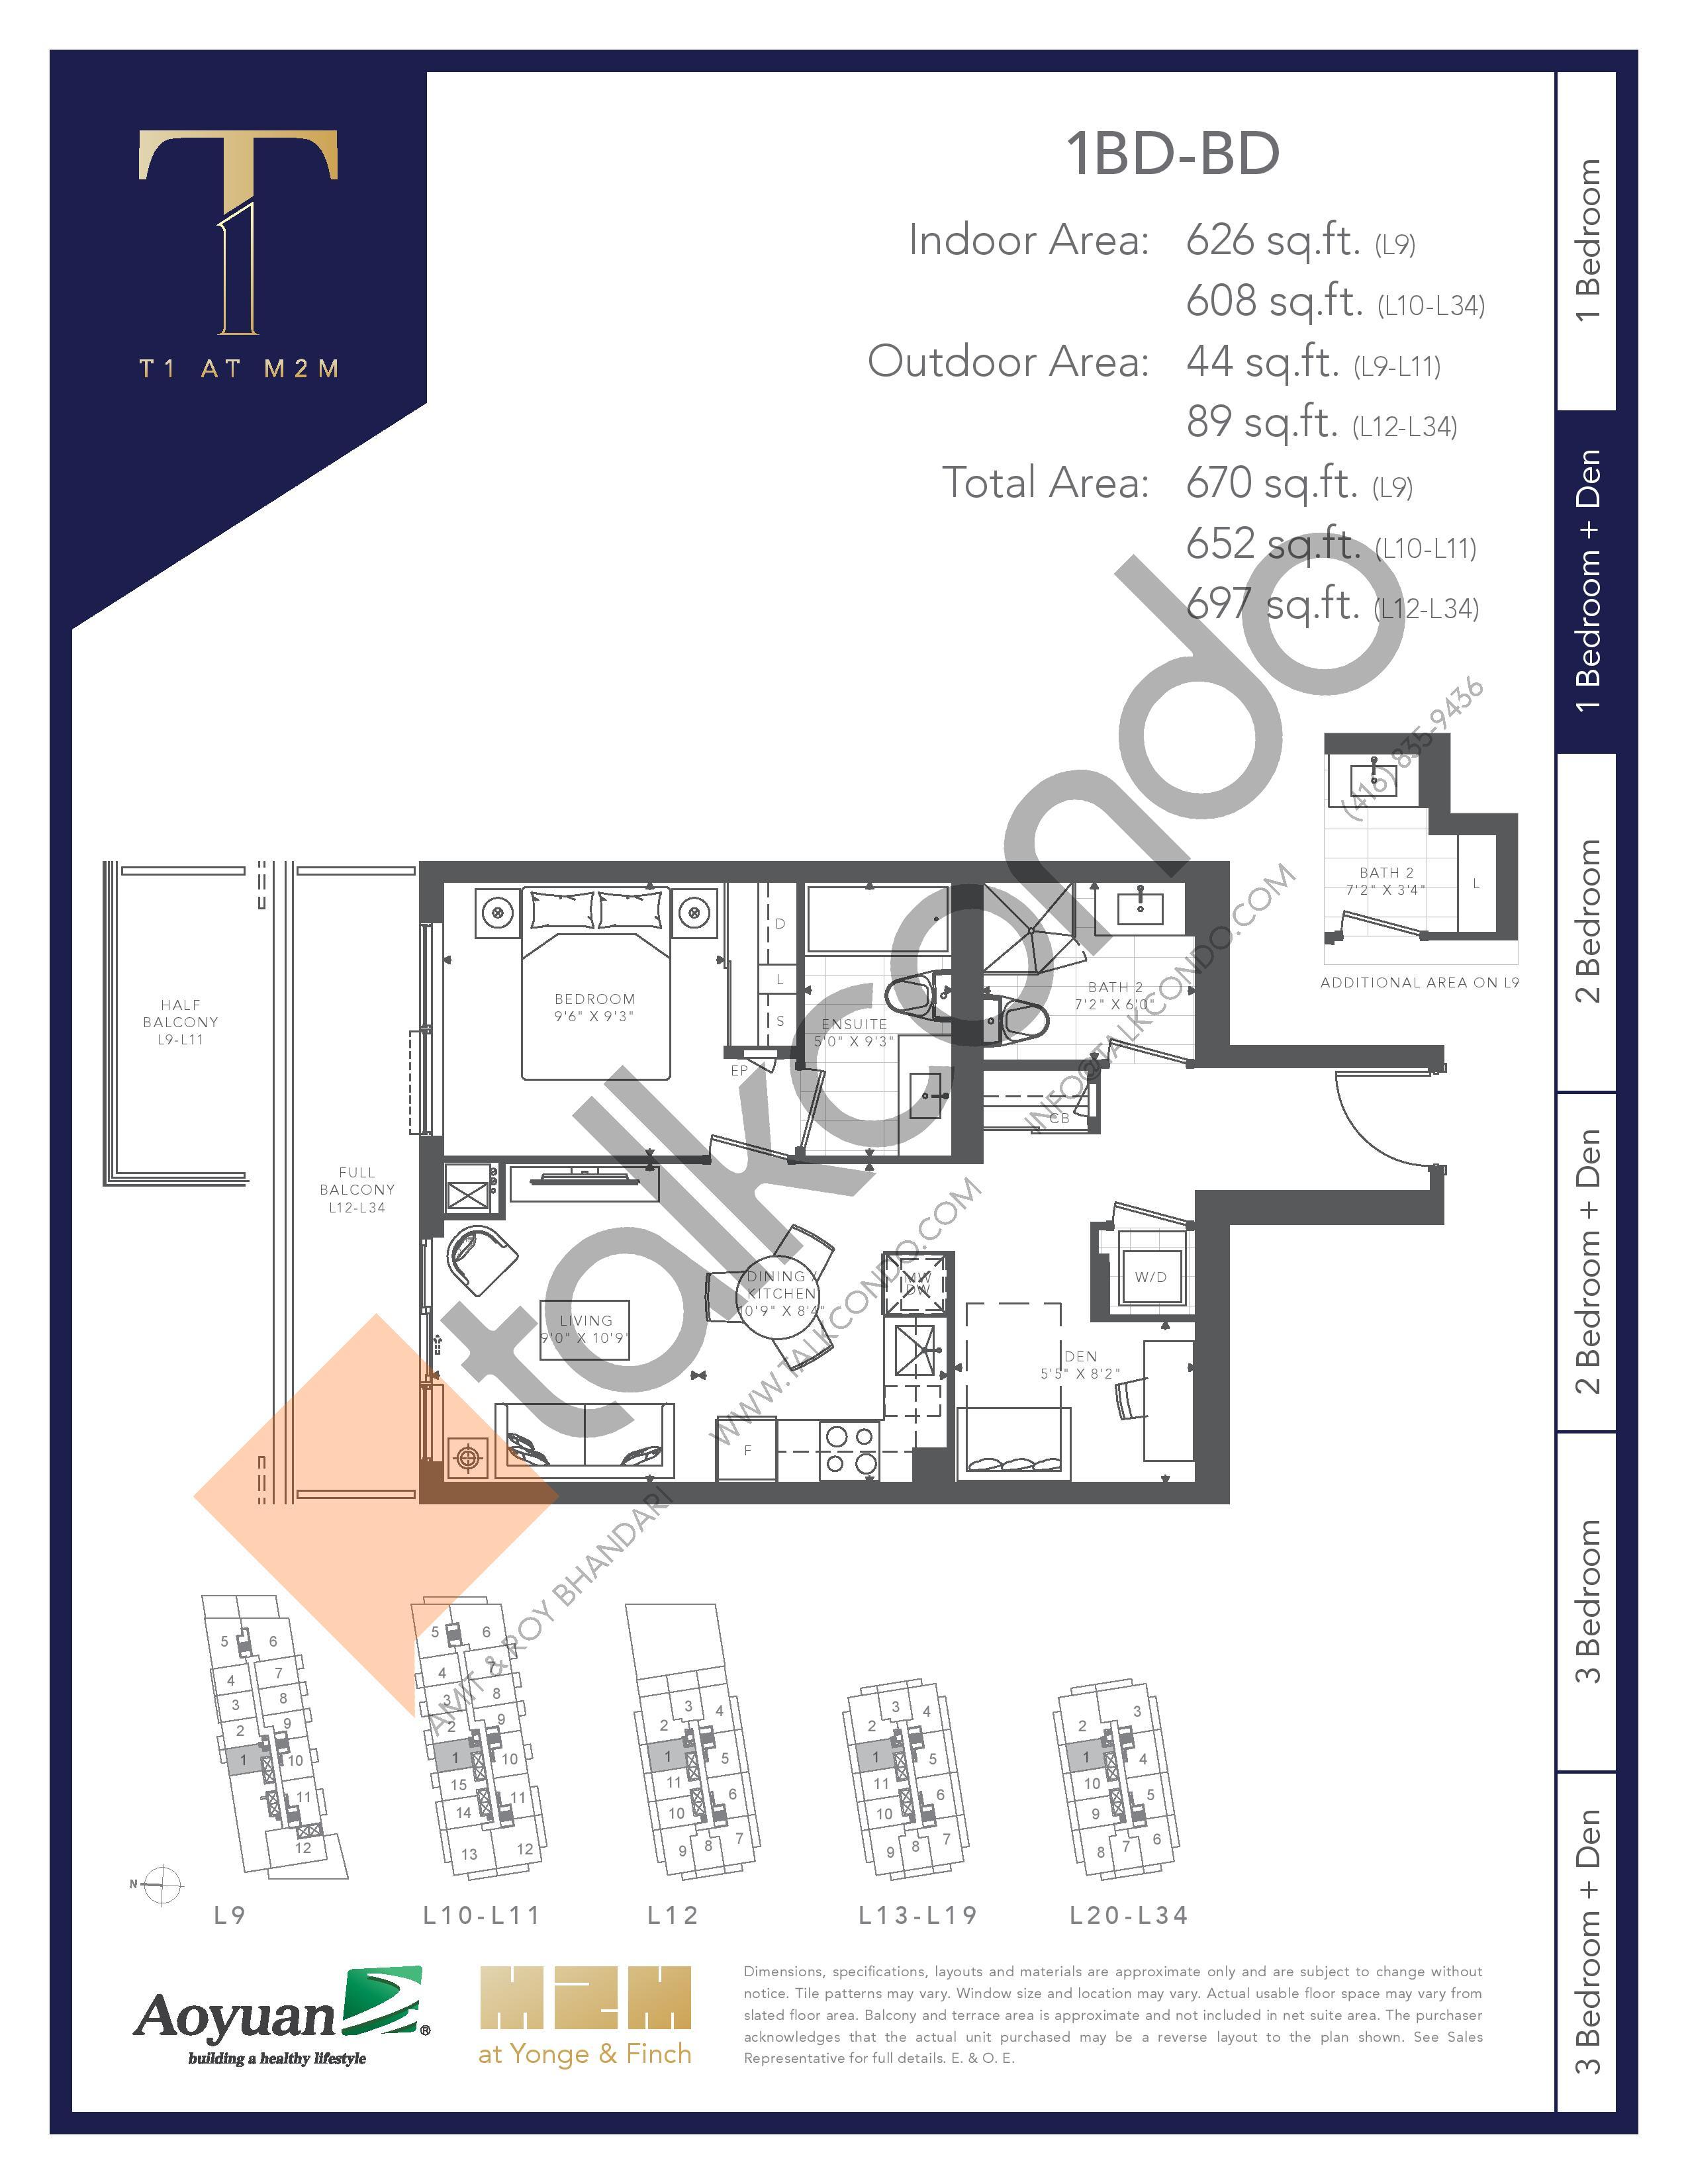 1BD-BD Floor Plan at T1 at M2M Condos - 626 sq.ft